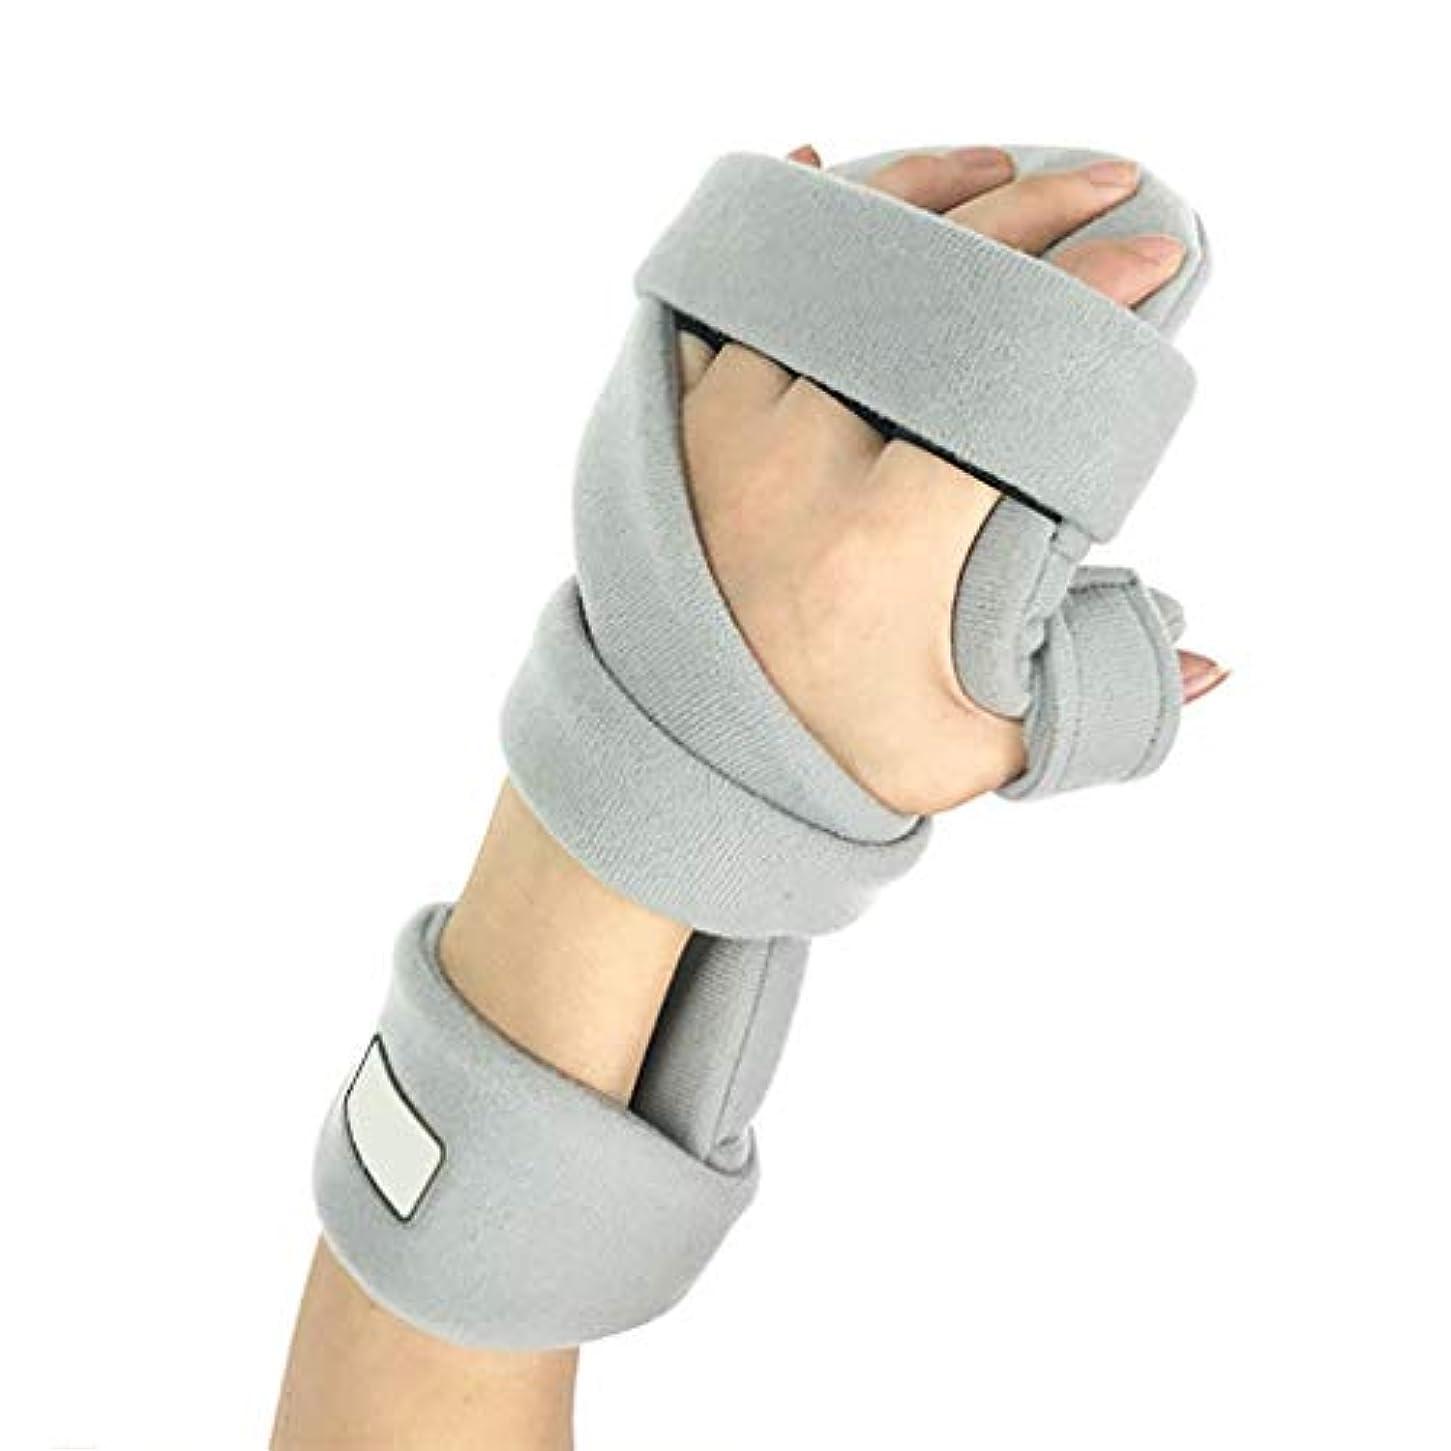 短命と闘う理想的リハビリテーションの指板 - 調節可能な副子の整形外科の装具、高齢者のために固定される訓練装置の手首の骨折片麻痺,Left